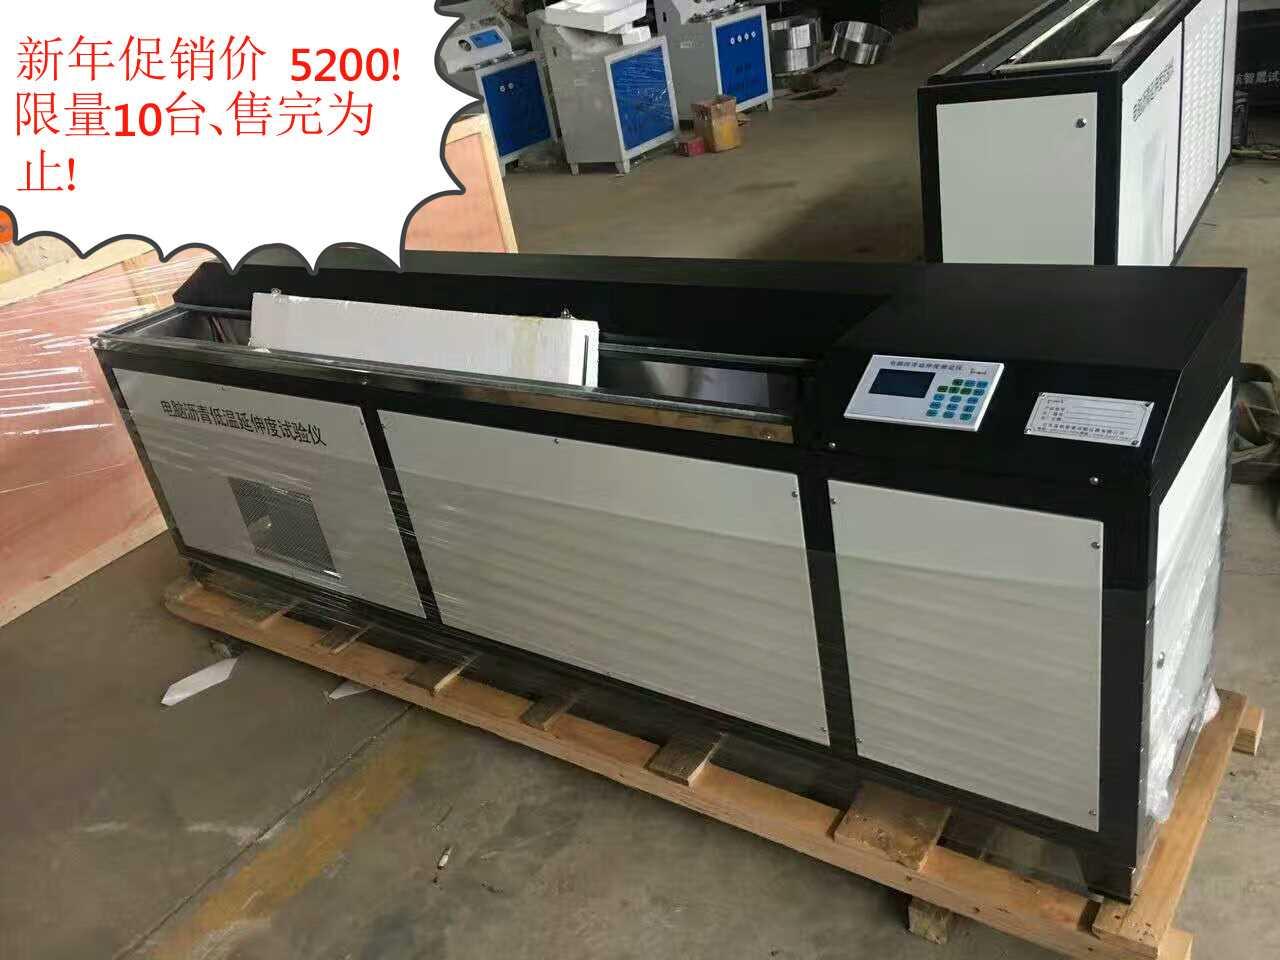 沥青低温延伸度试验仪-促销产品-价格优惠